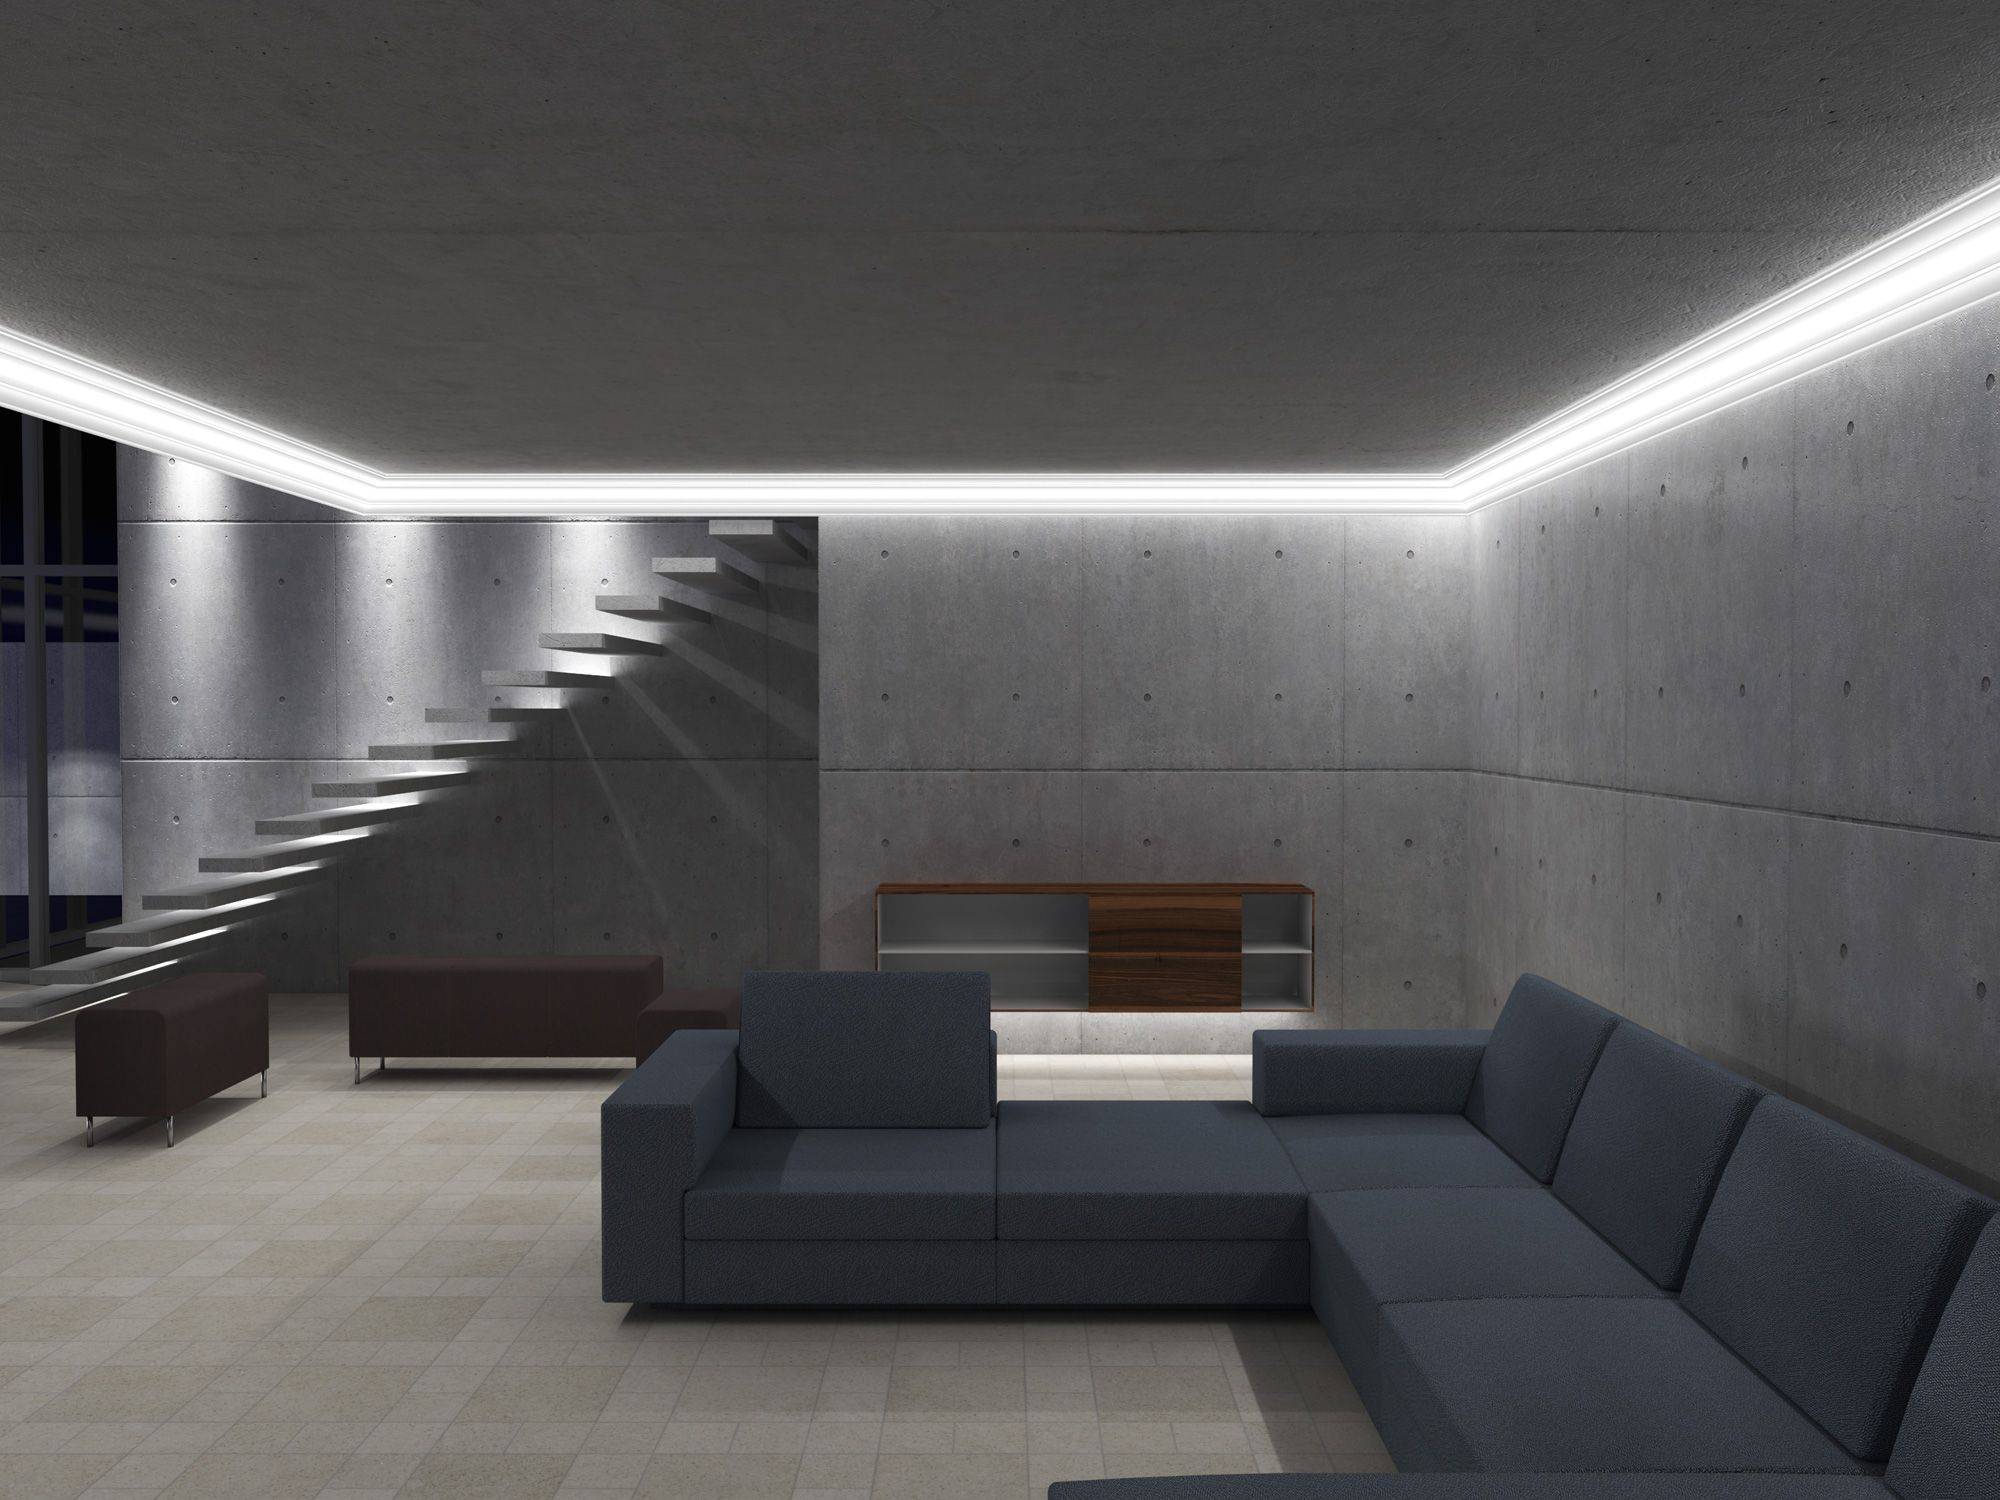 Stuccolight Startseite Trockenbau Decke Abhangen Trockenbau Indirekte Beleuchtung